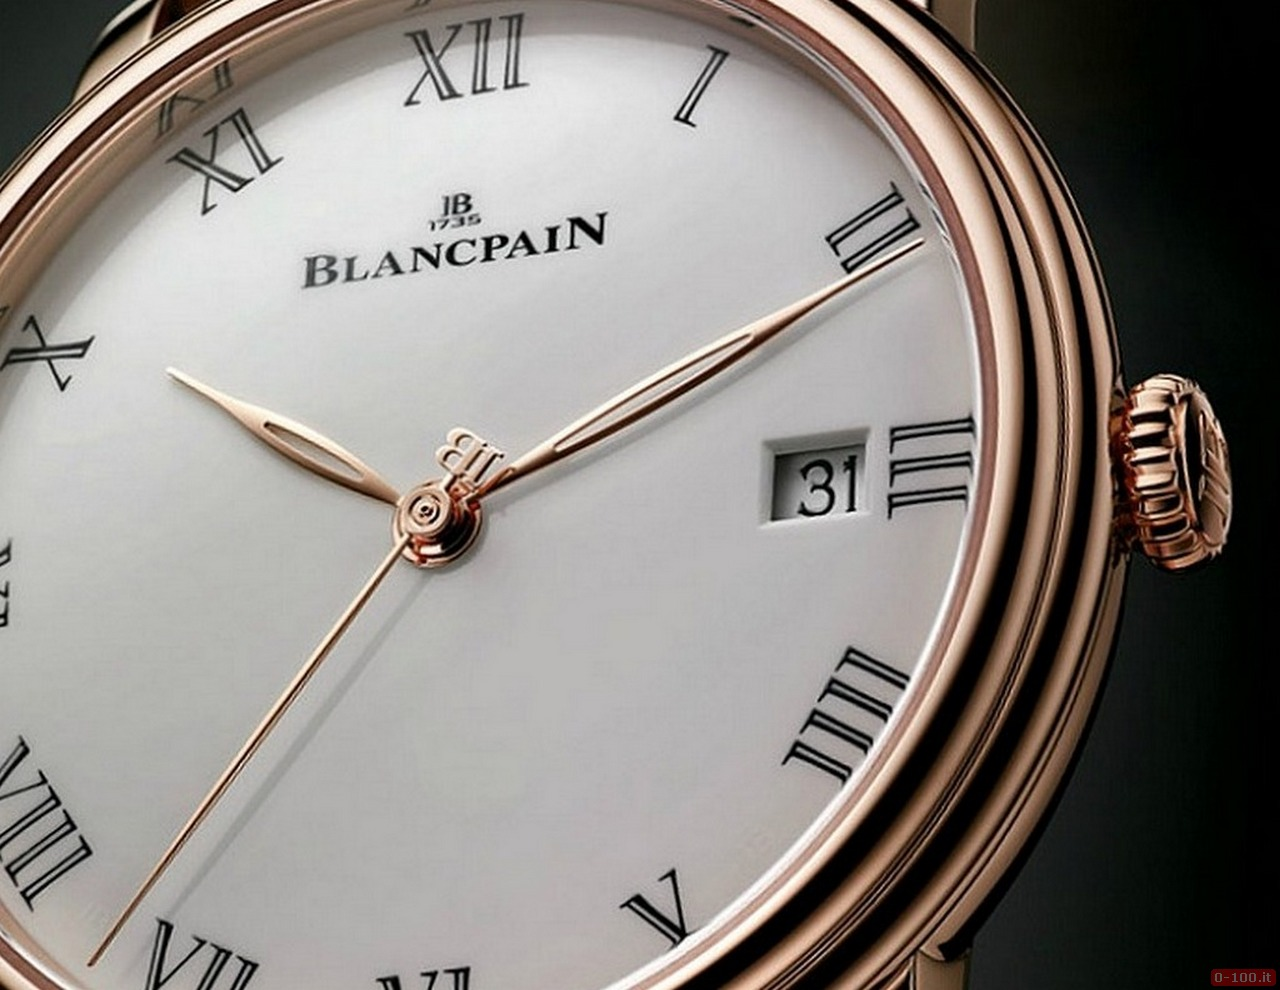 anteprima-baselworld-2014-un-nuovo-modello-blancpain-villeret-tre-lancette-con-datario-ref-6630-3631-55b_0-1005